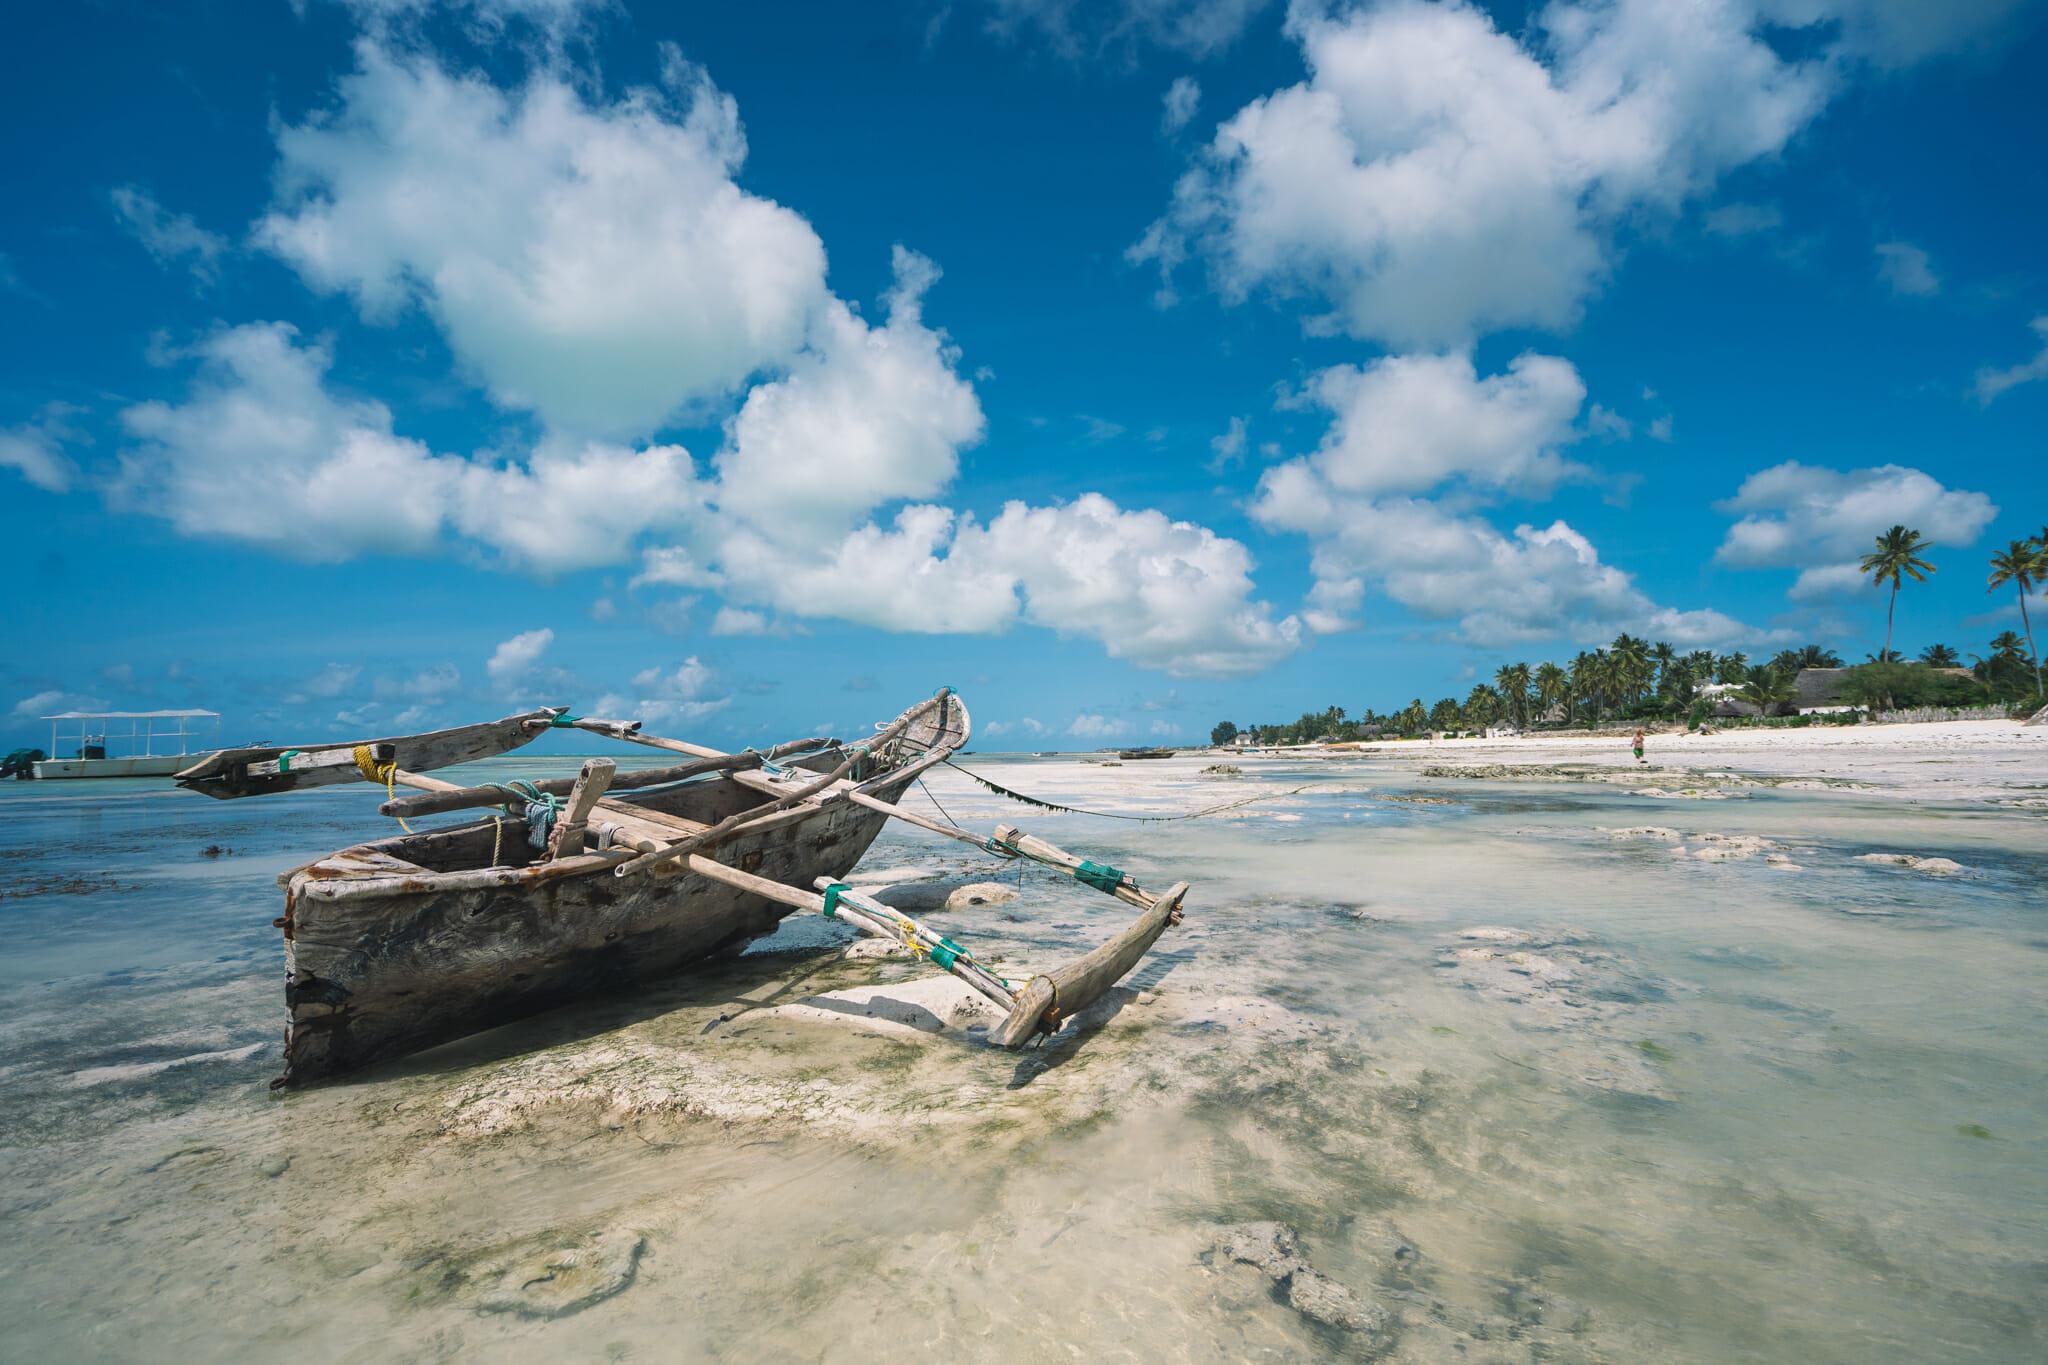 visite-jambiani-zanzibar-plage